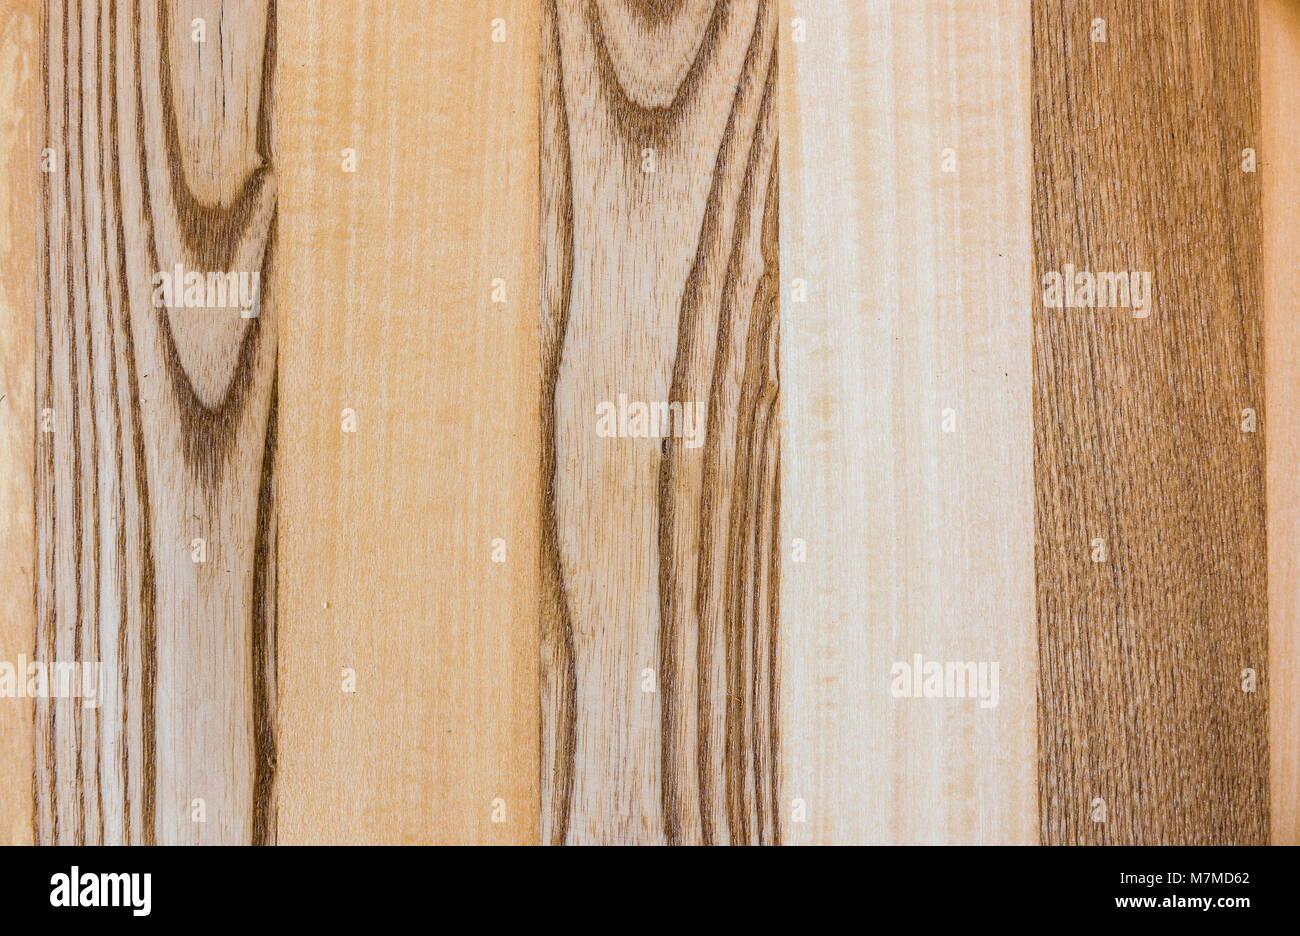 linden und eschenholz textur ein fragment eines holz panel